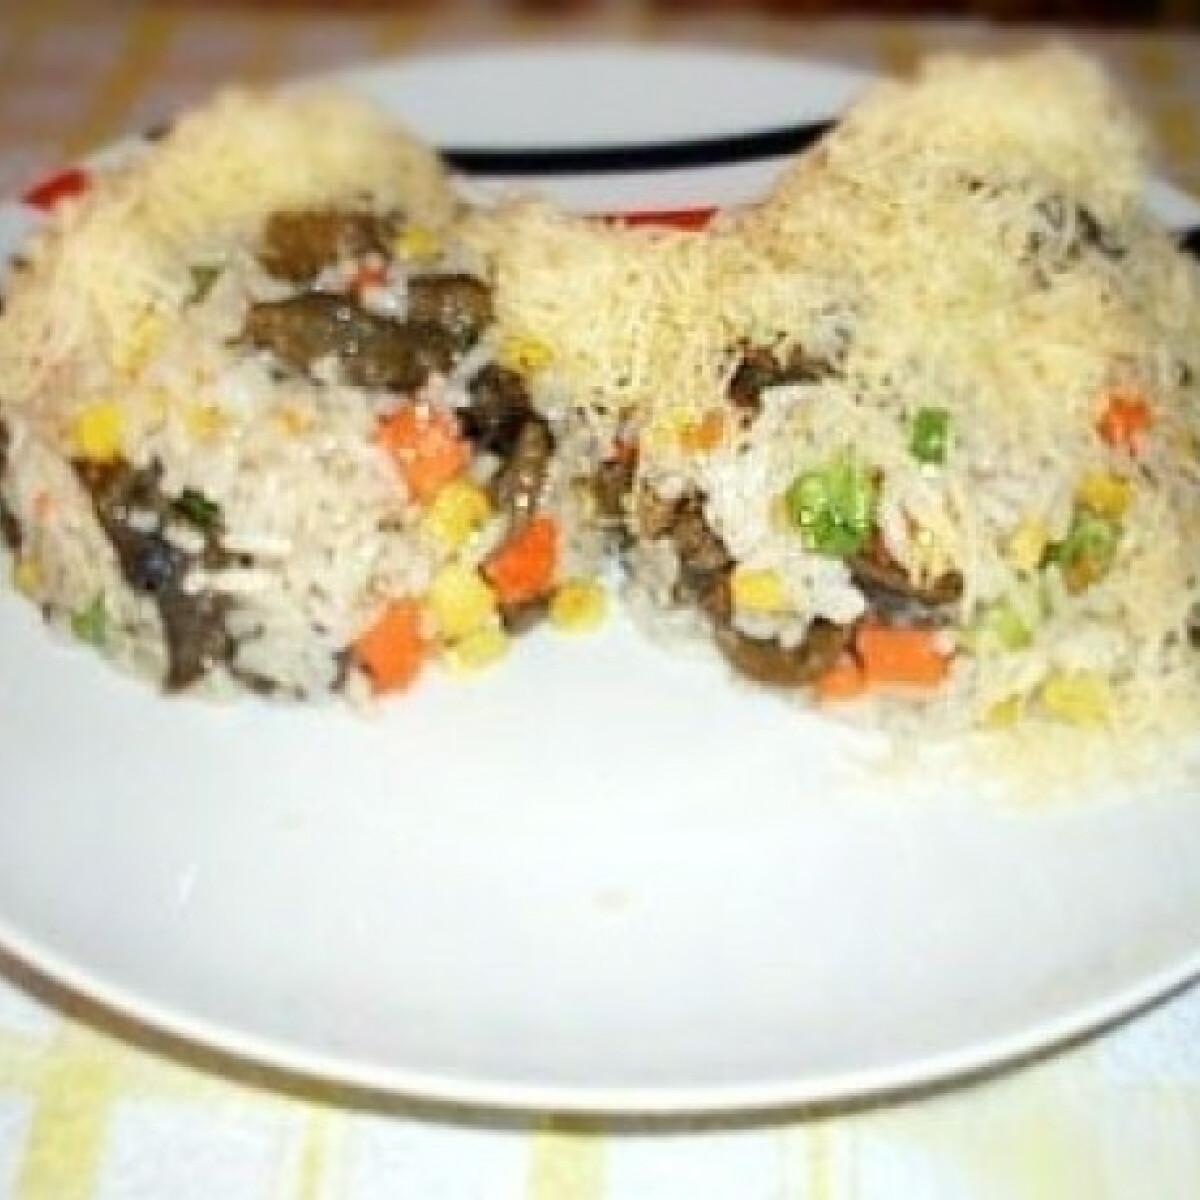 Éticsigás-zöldséges rizs